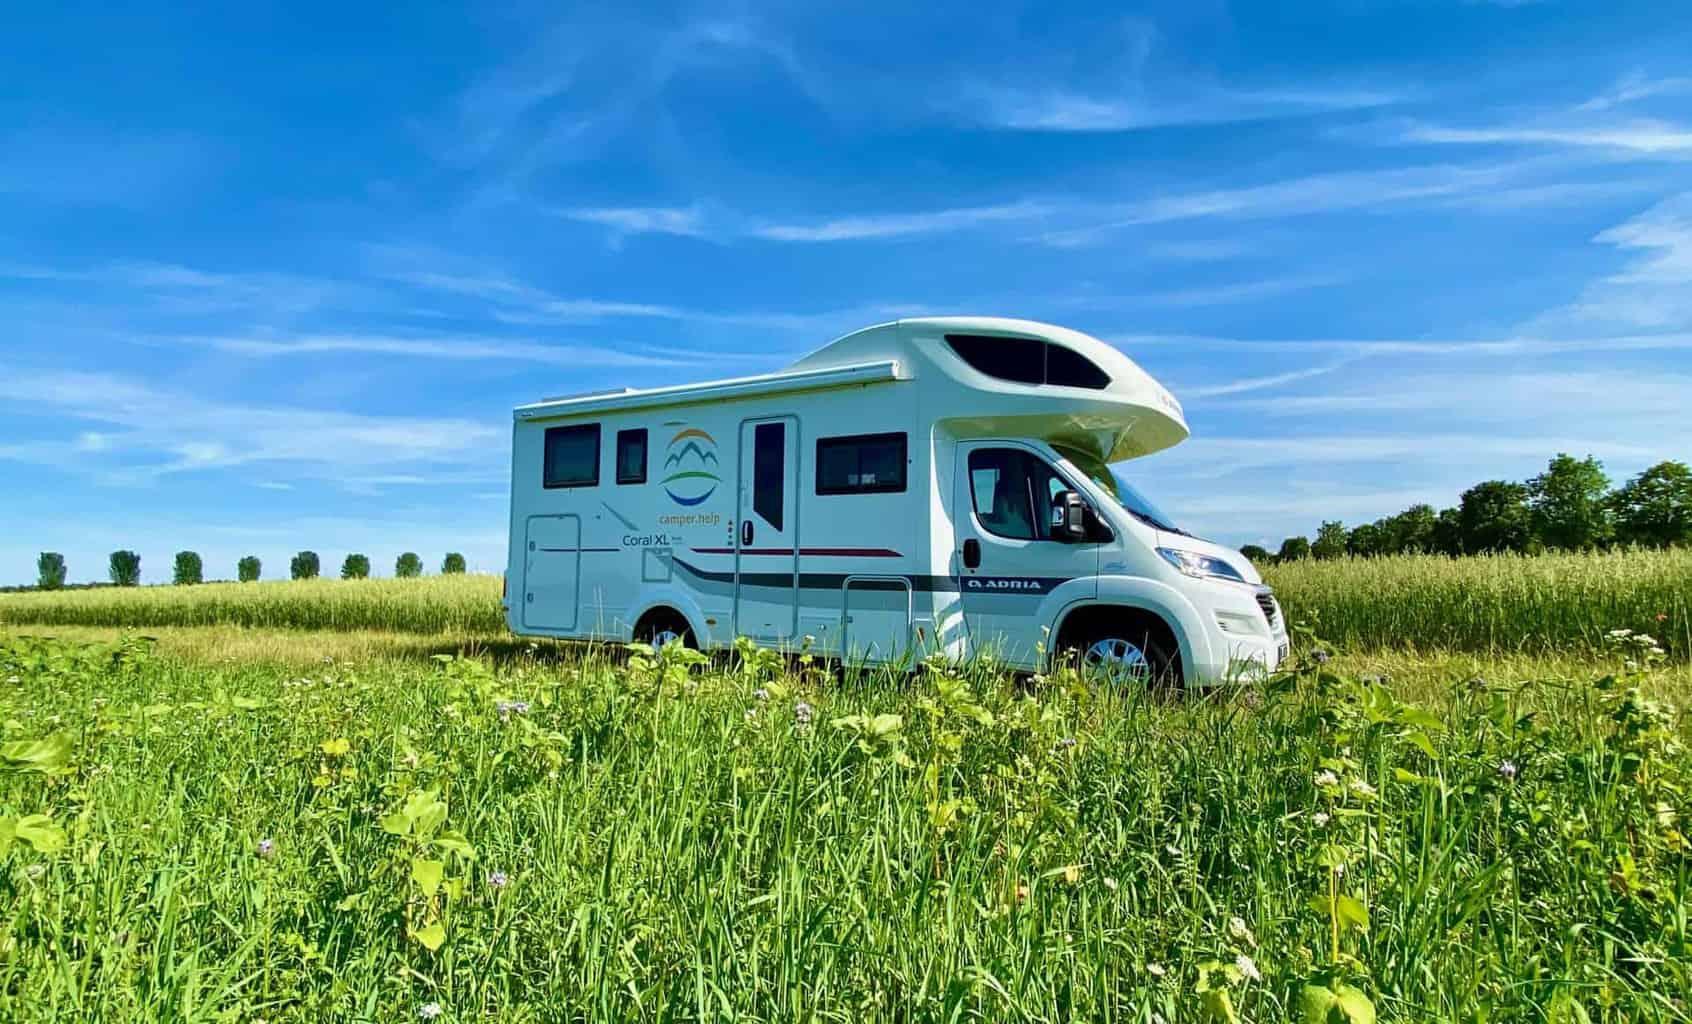 camper-help-wohnmobil-feld-blumenwiese-schönes-wetter2